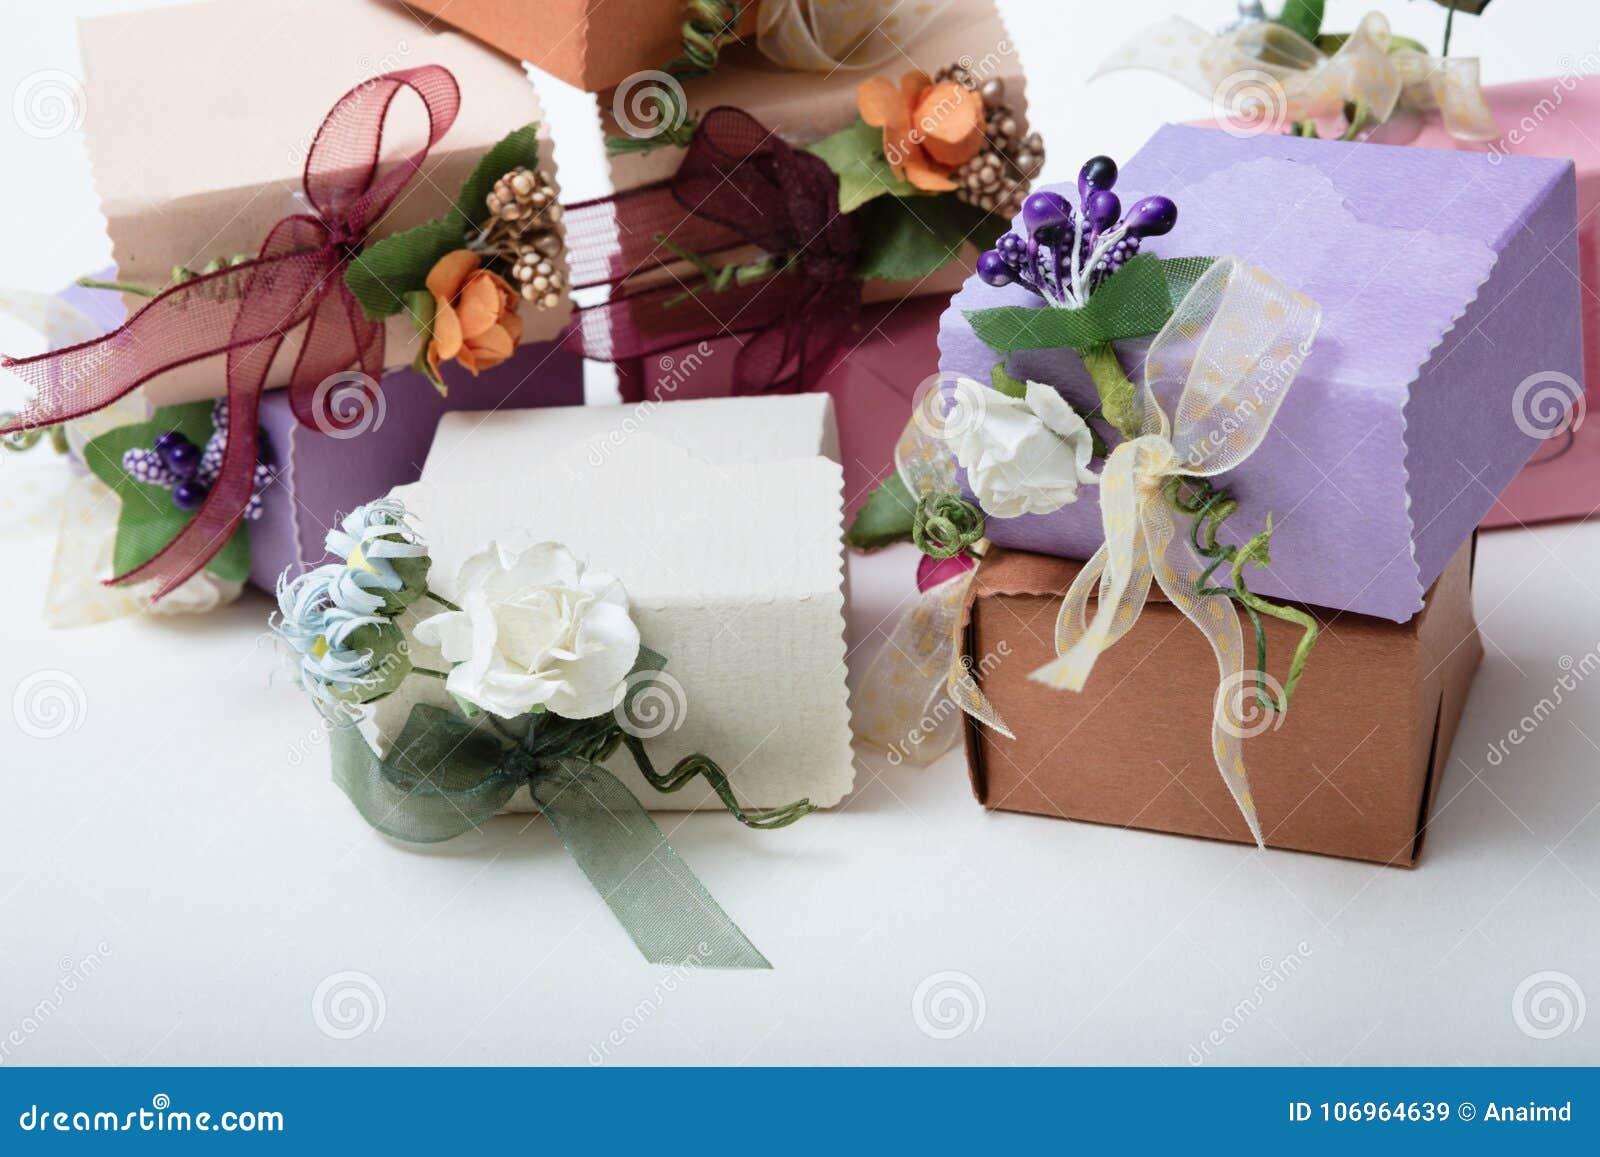 特别种类有丝带的在白色后面的礼物盒和花